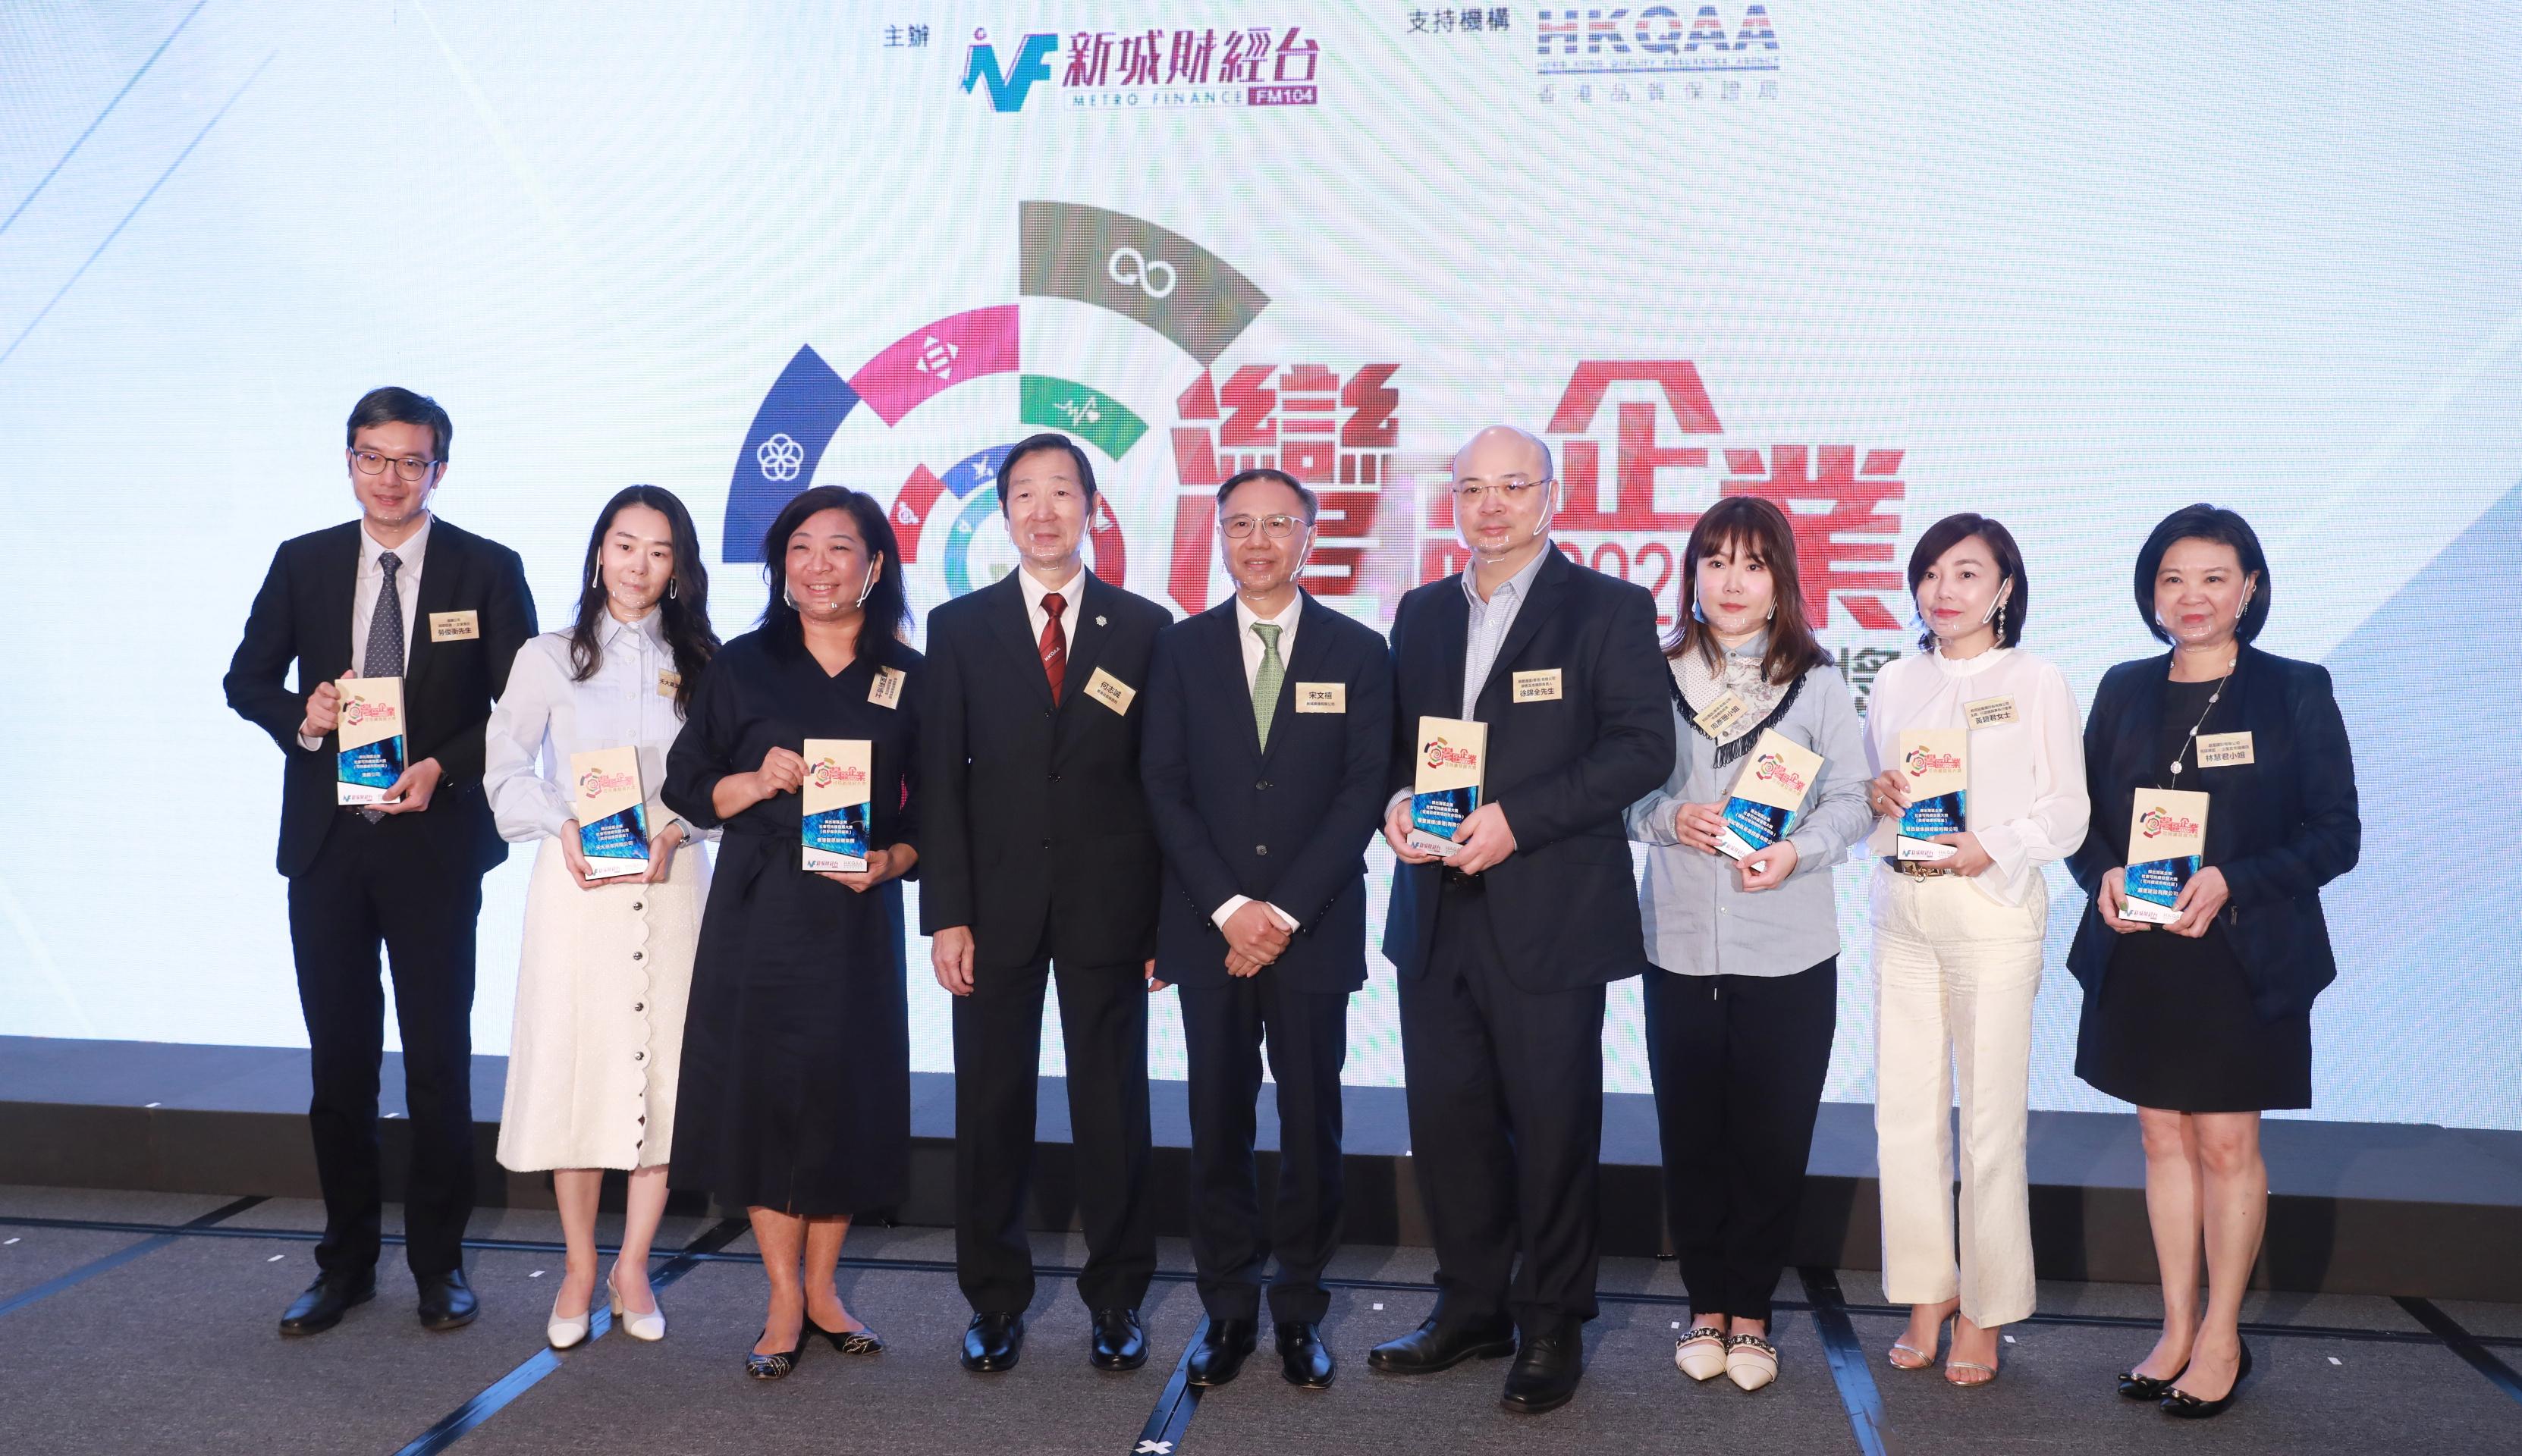 灣區企業2020可持續發展大獎